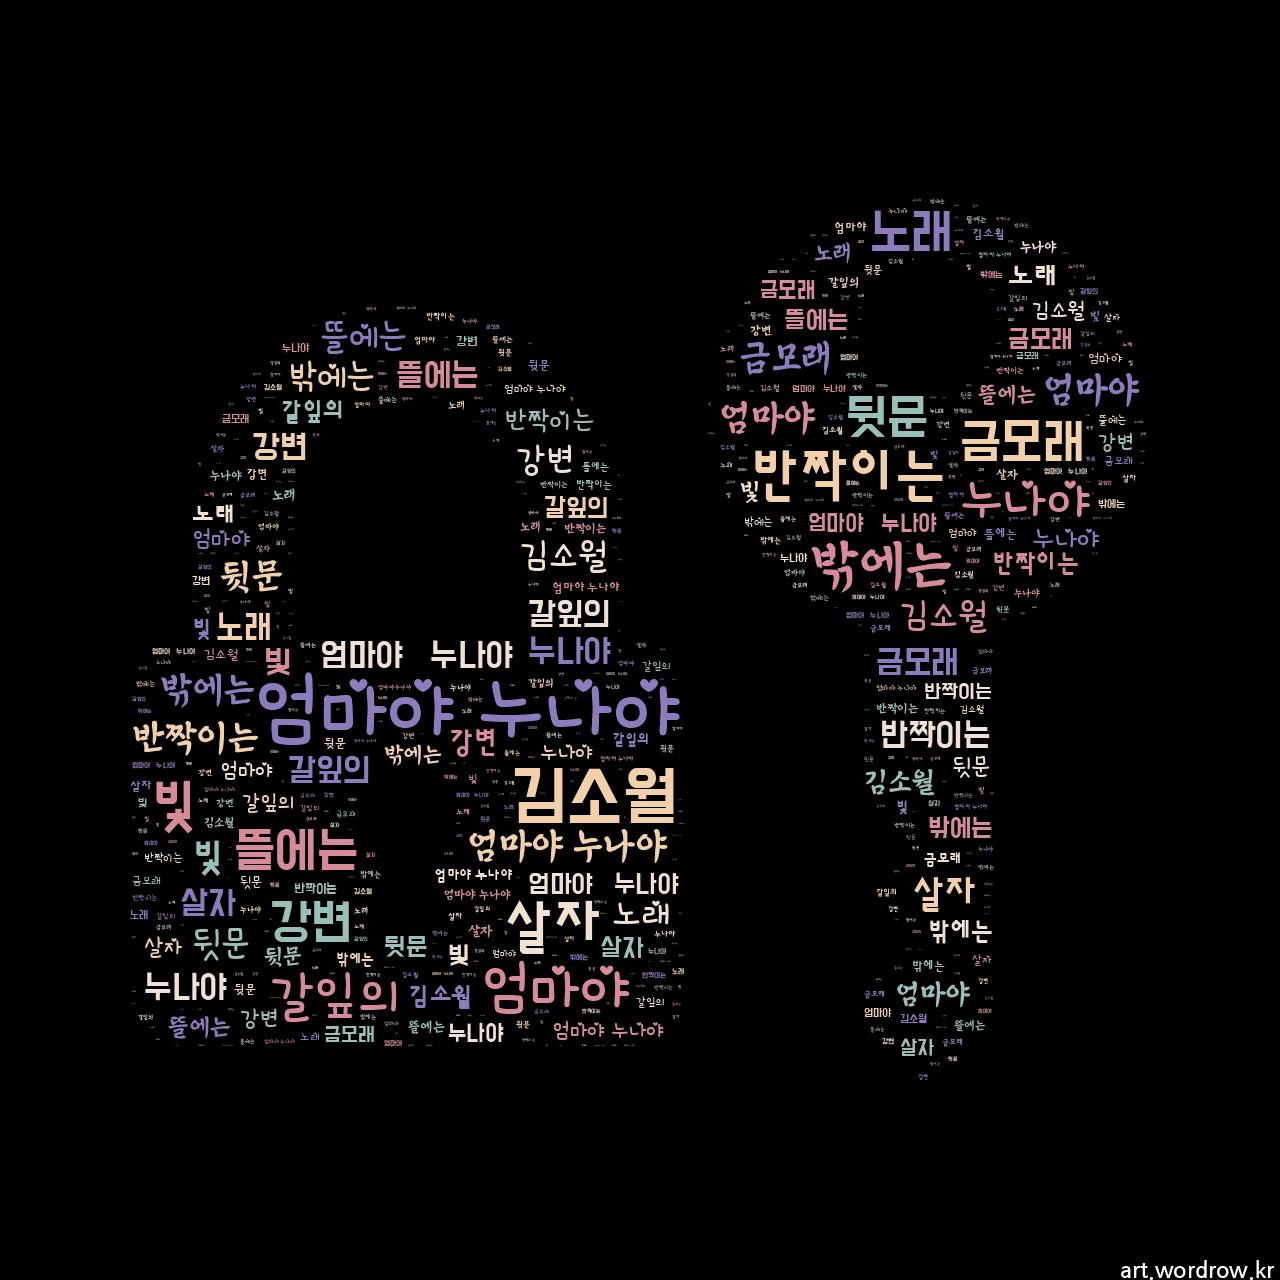 워드 아트: 엄마야 누나야 [김소월]-1